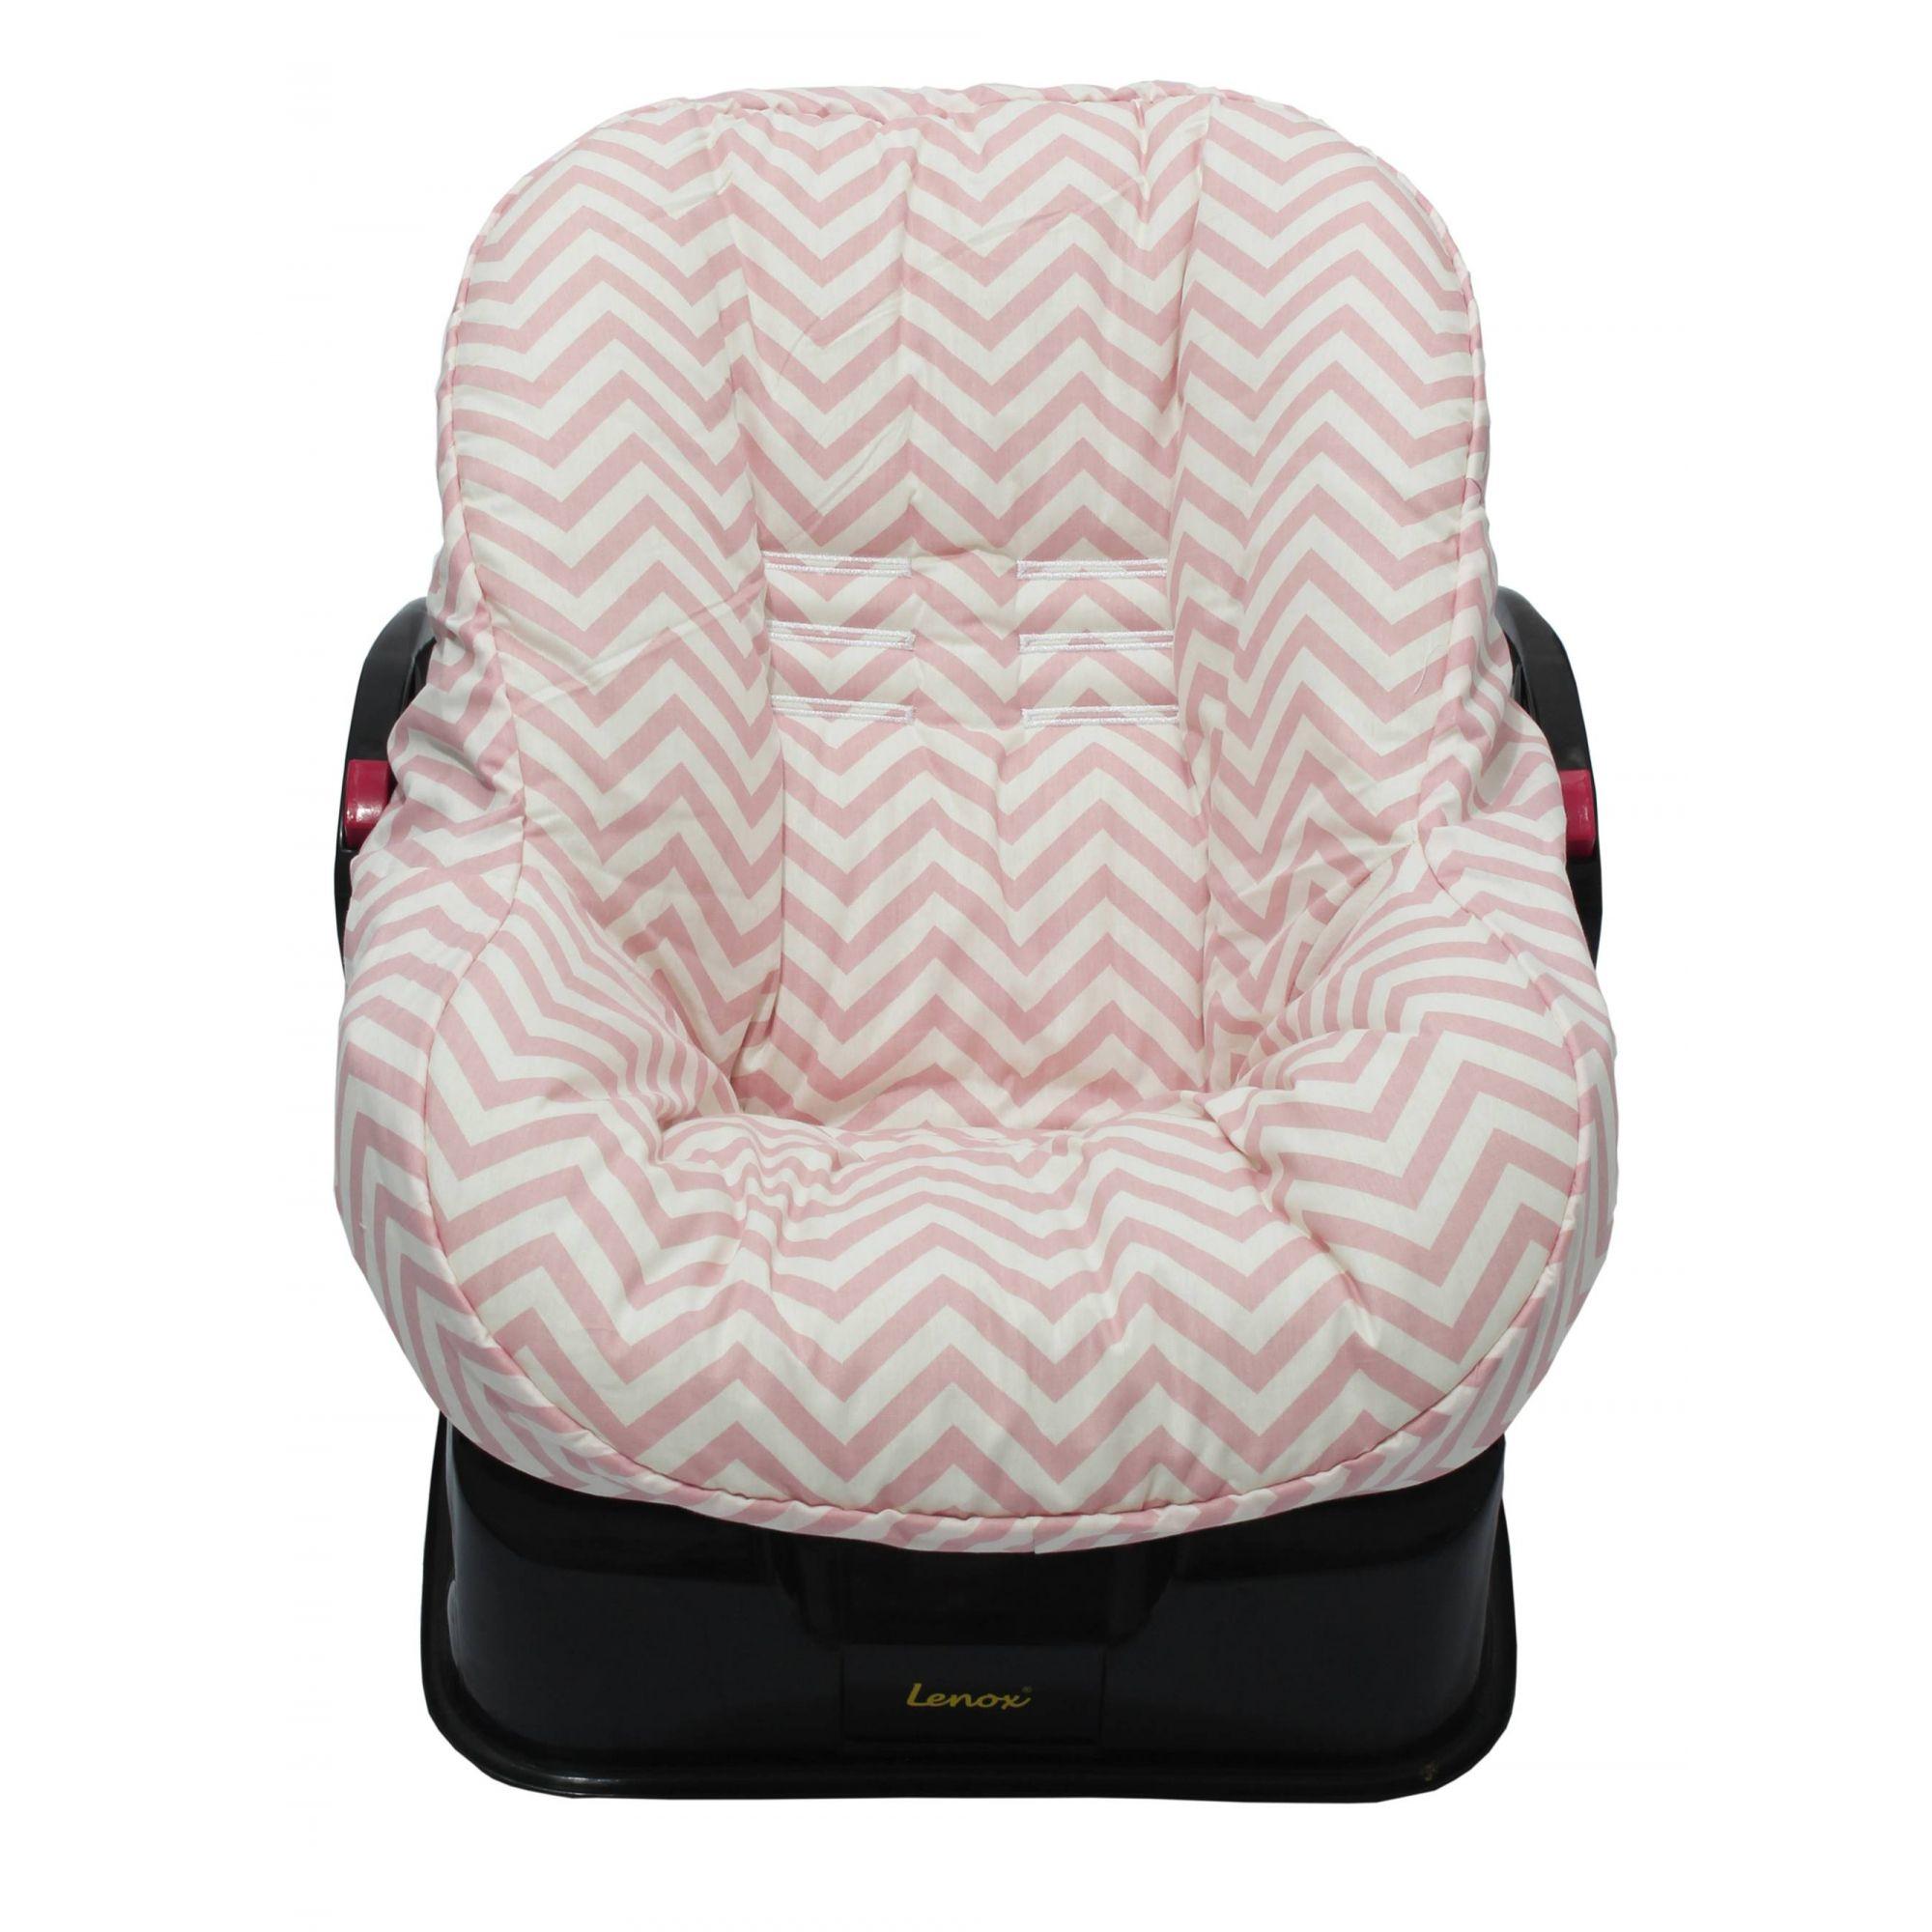 Capa de Bebê Conforto Dupla Face Chevron Rosê